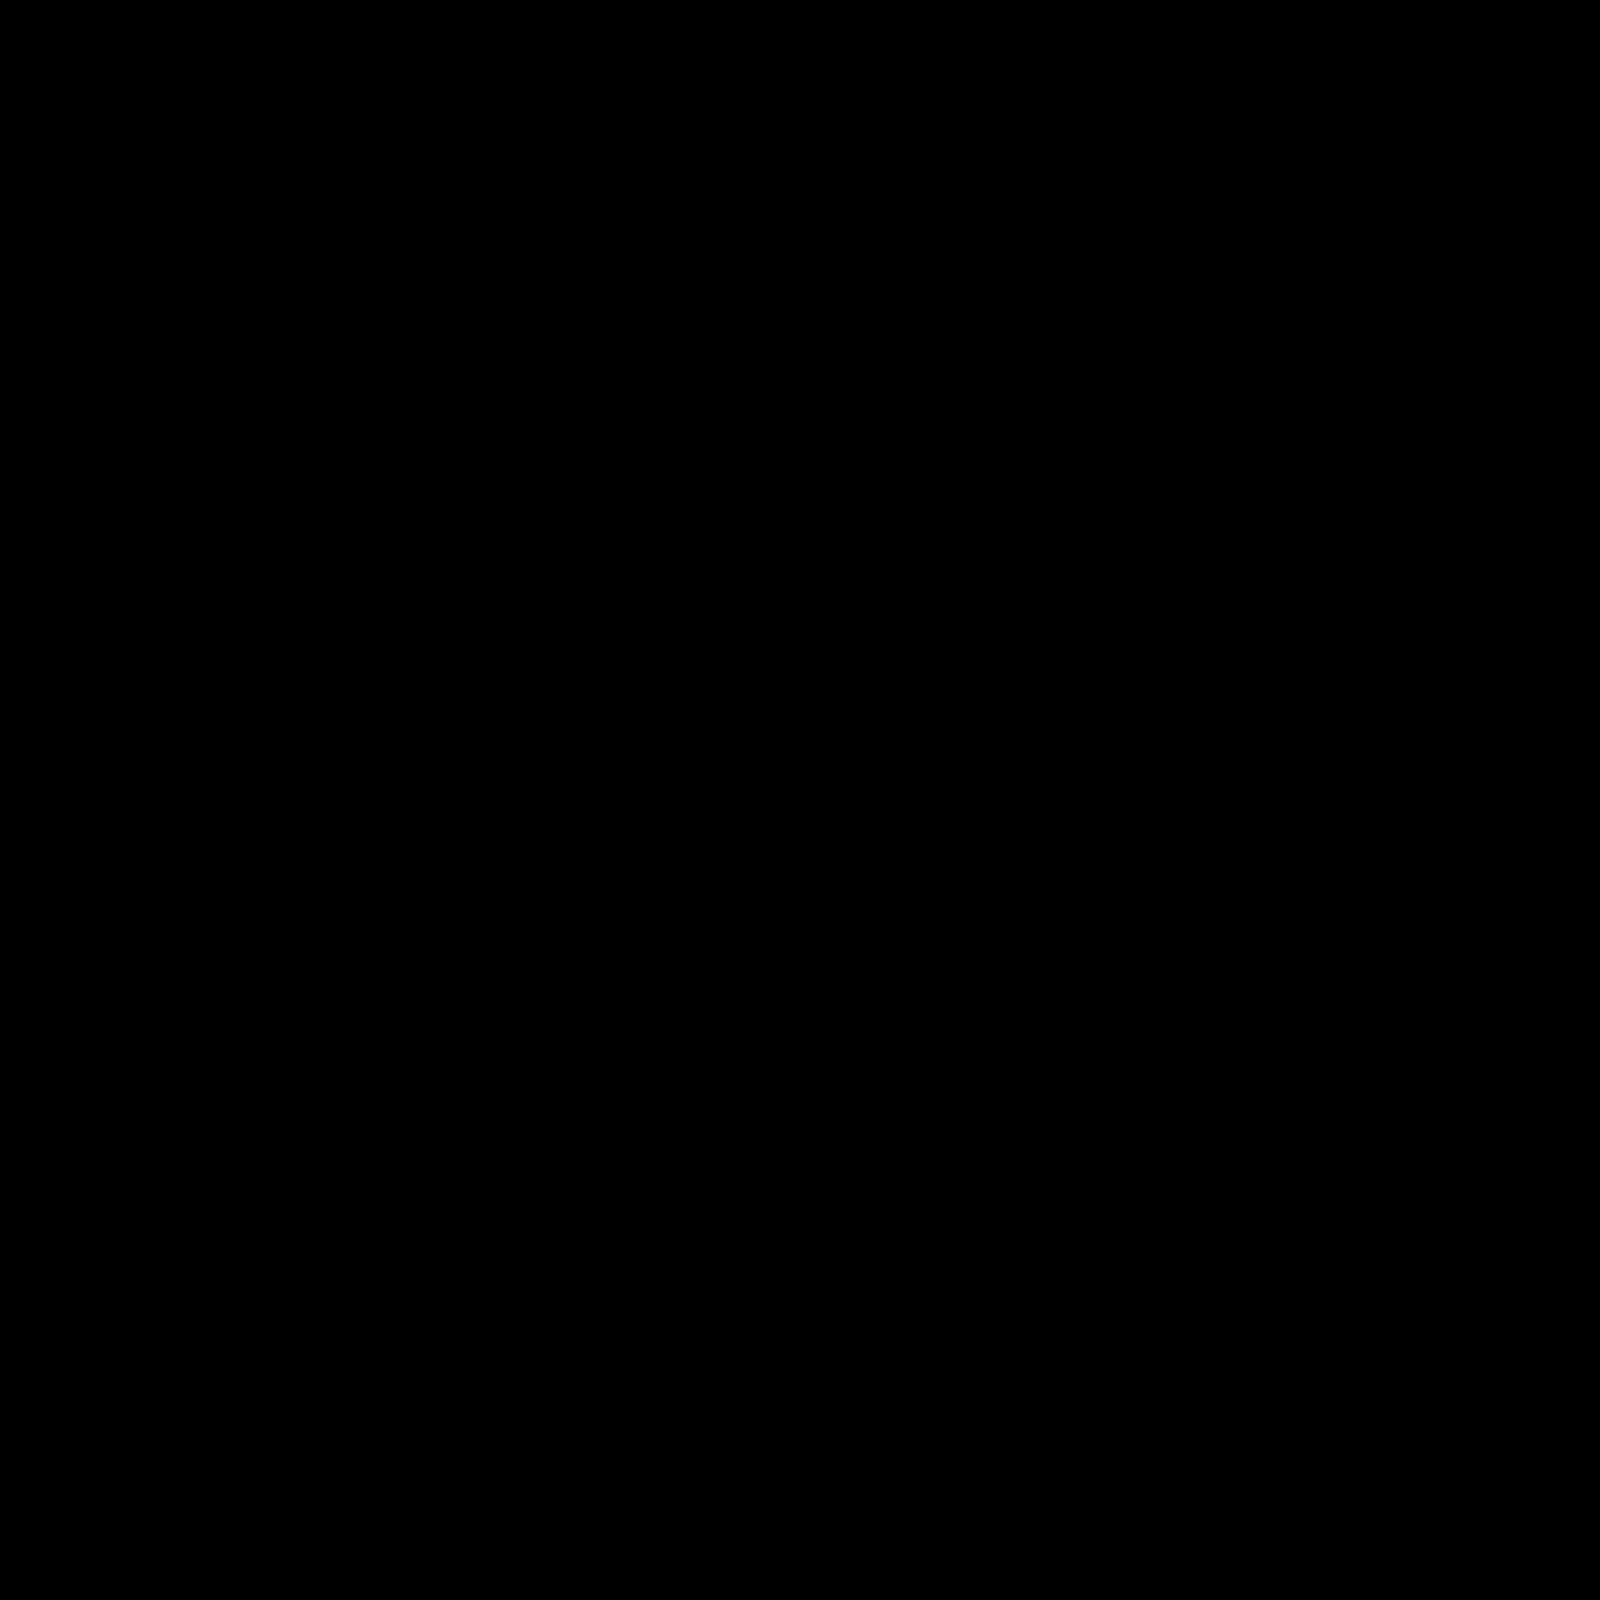 Arab icon